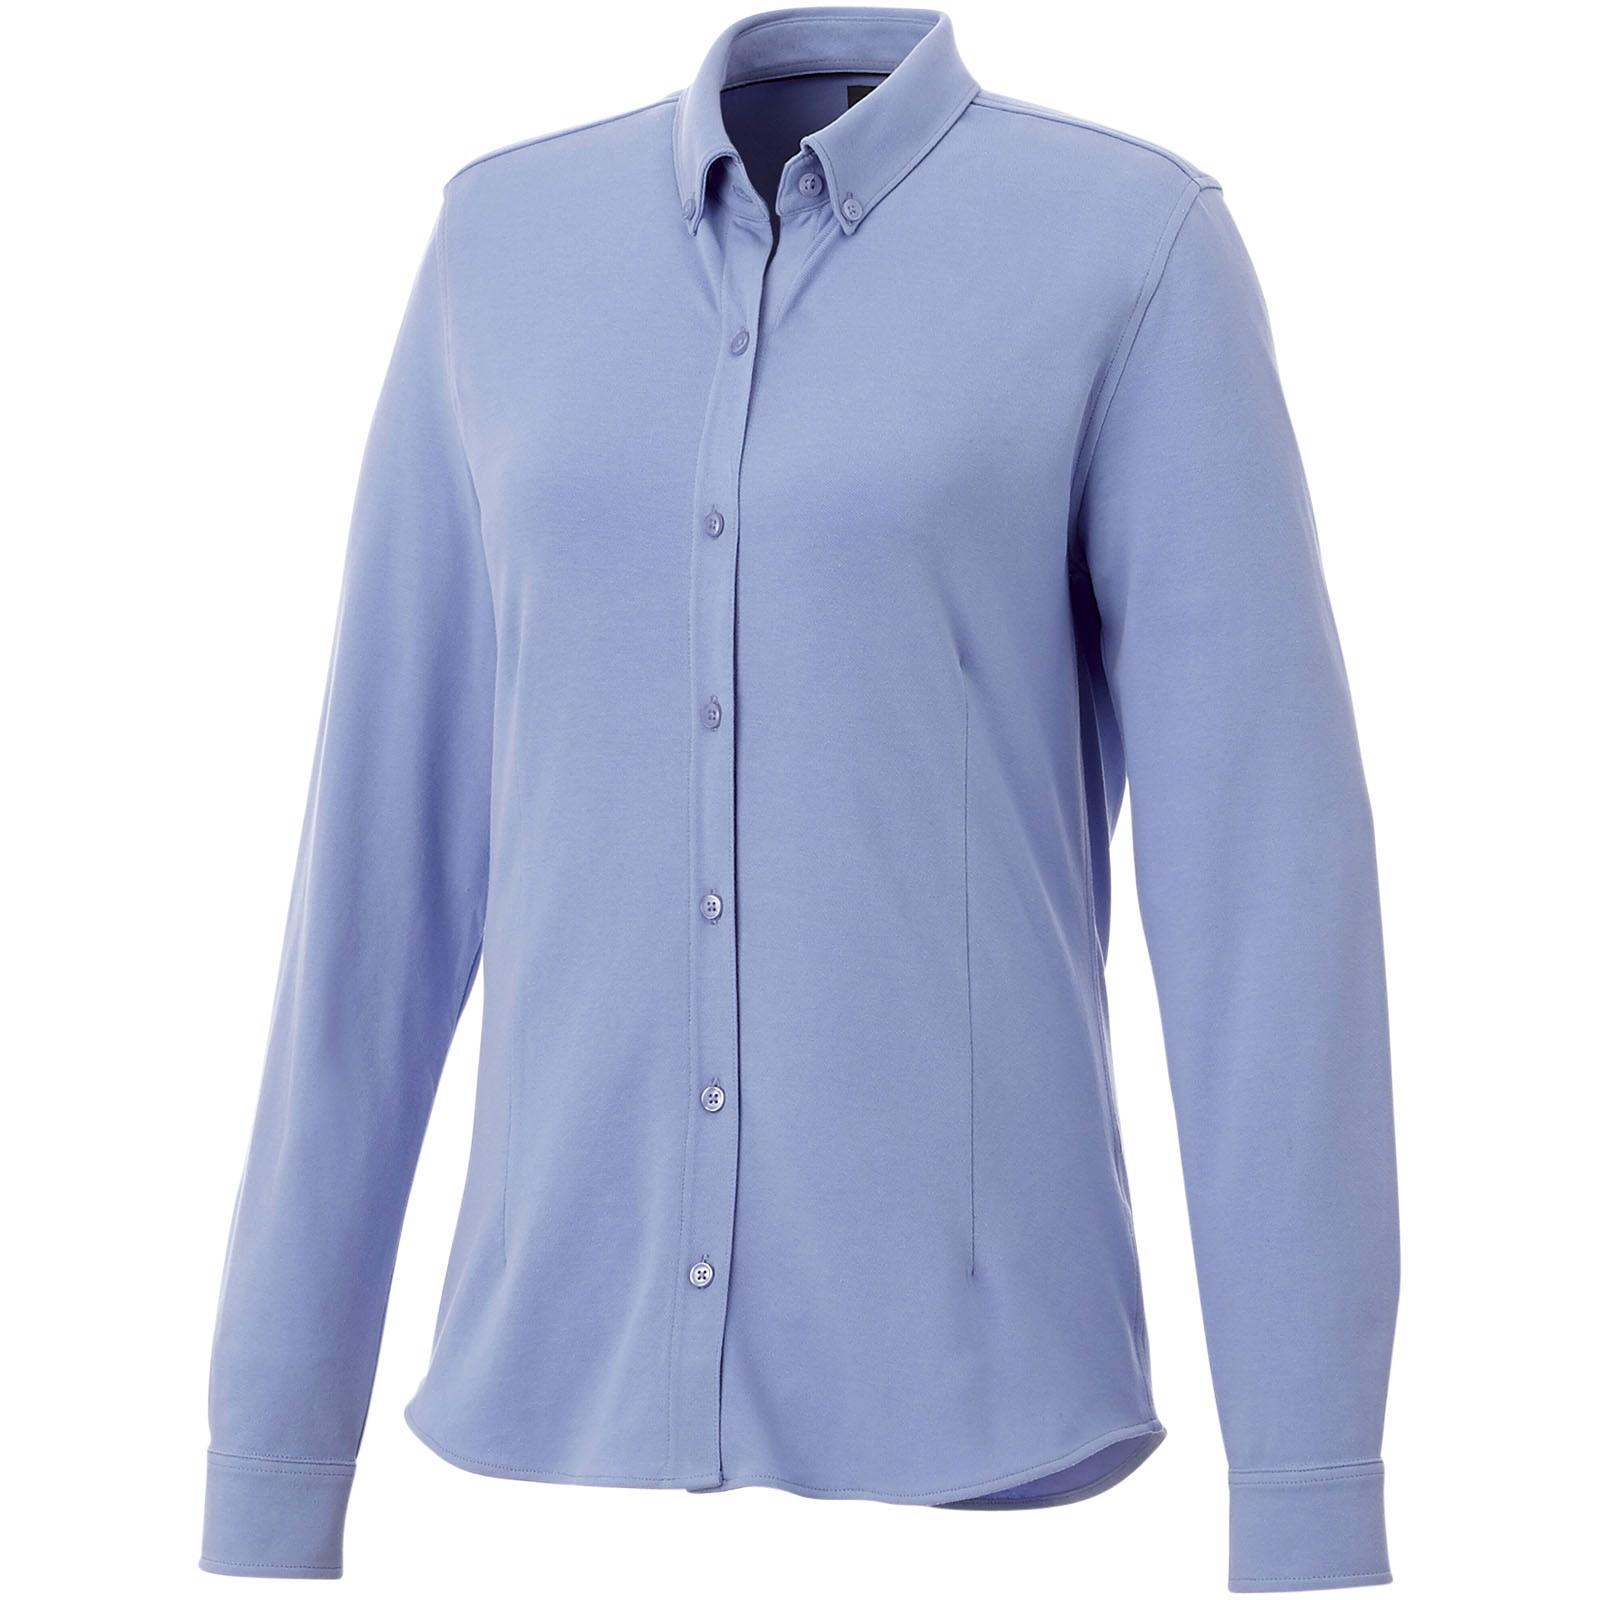 Bigelow long sleeve women's pique shirt - Light blue / L